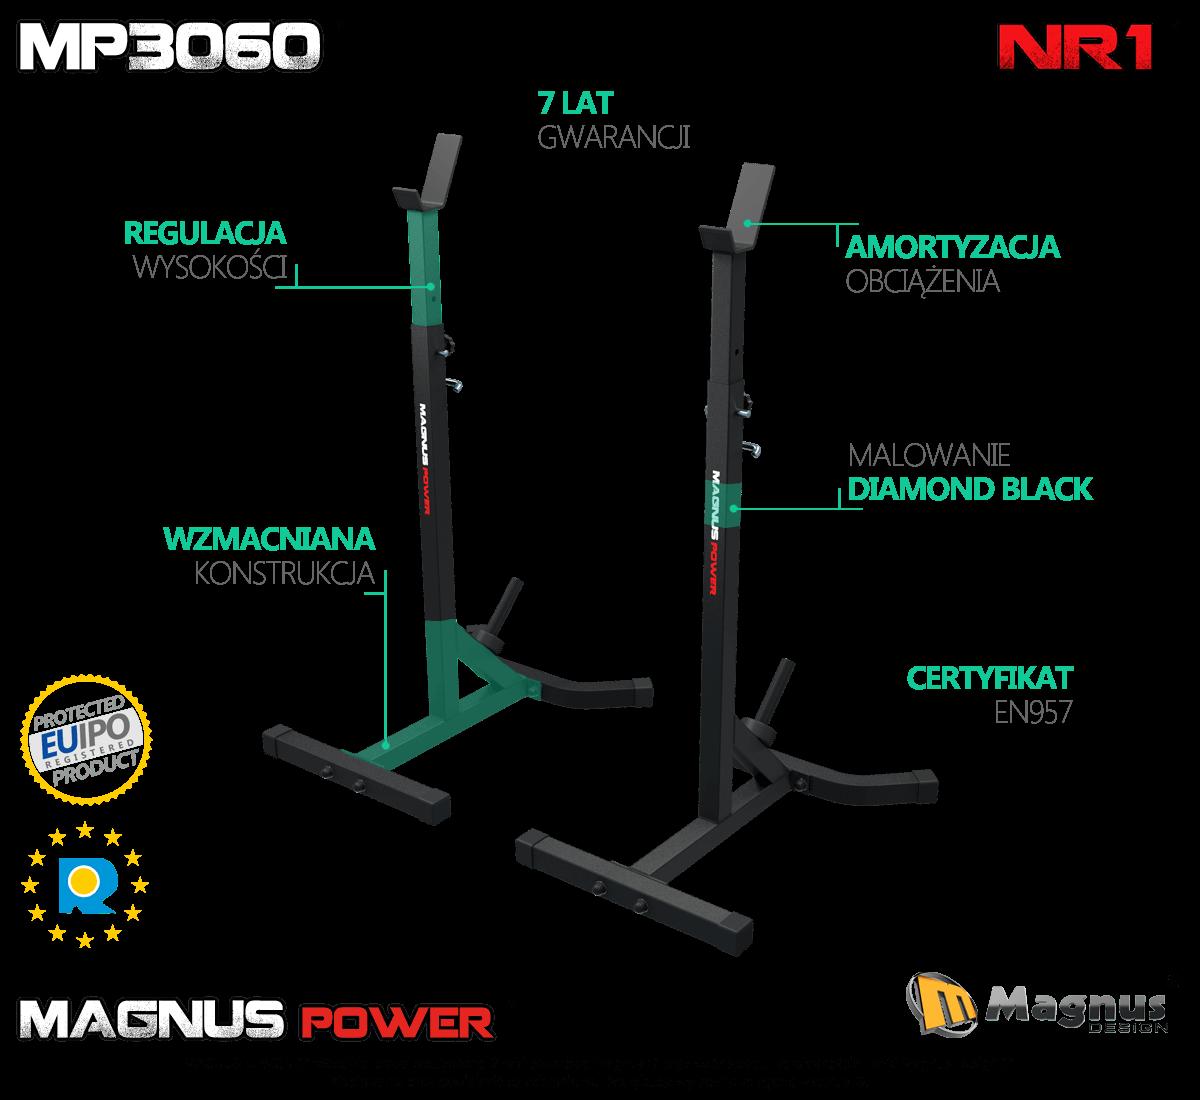 Nowość - trenuj bezpiecznie dzięki stojakom treningowym Magnus